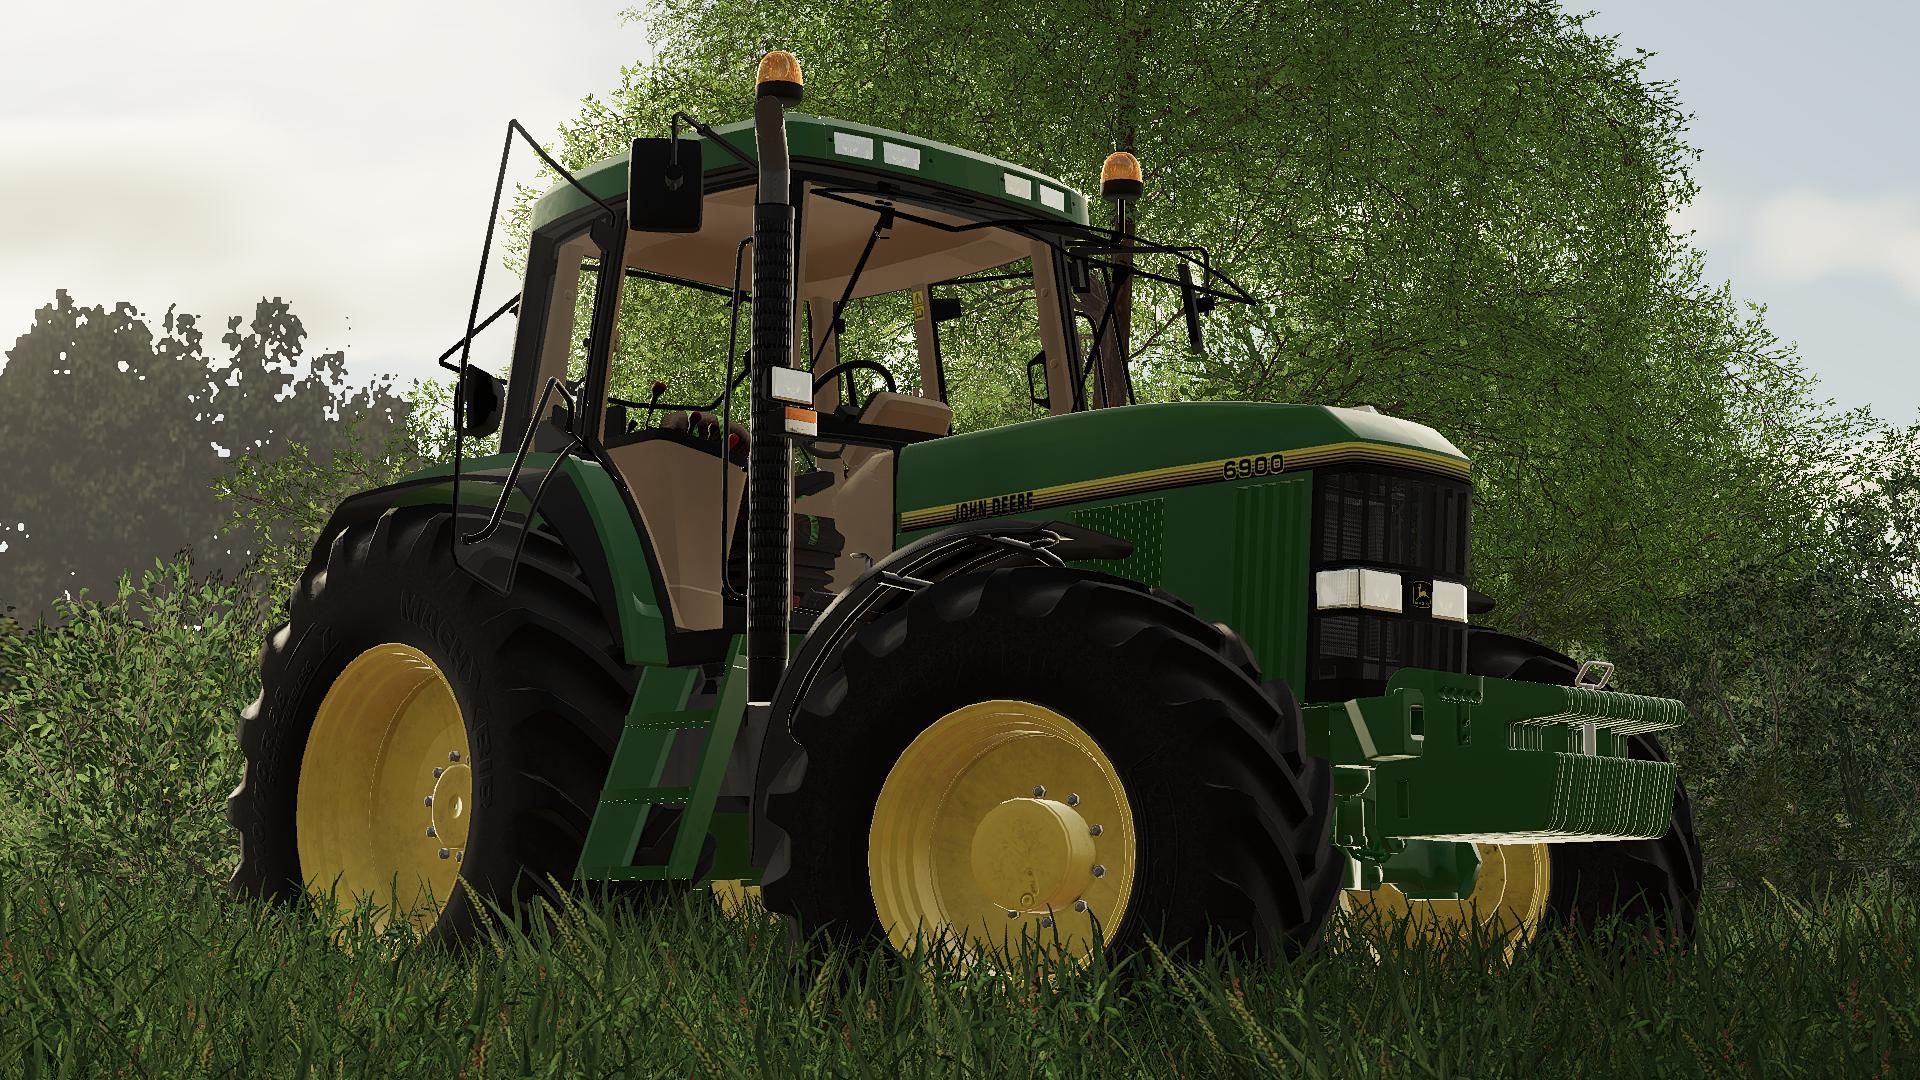 FS19 - John Deere 6000 Premium Tractor V1.0.0.1